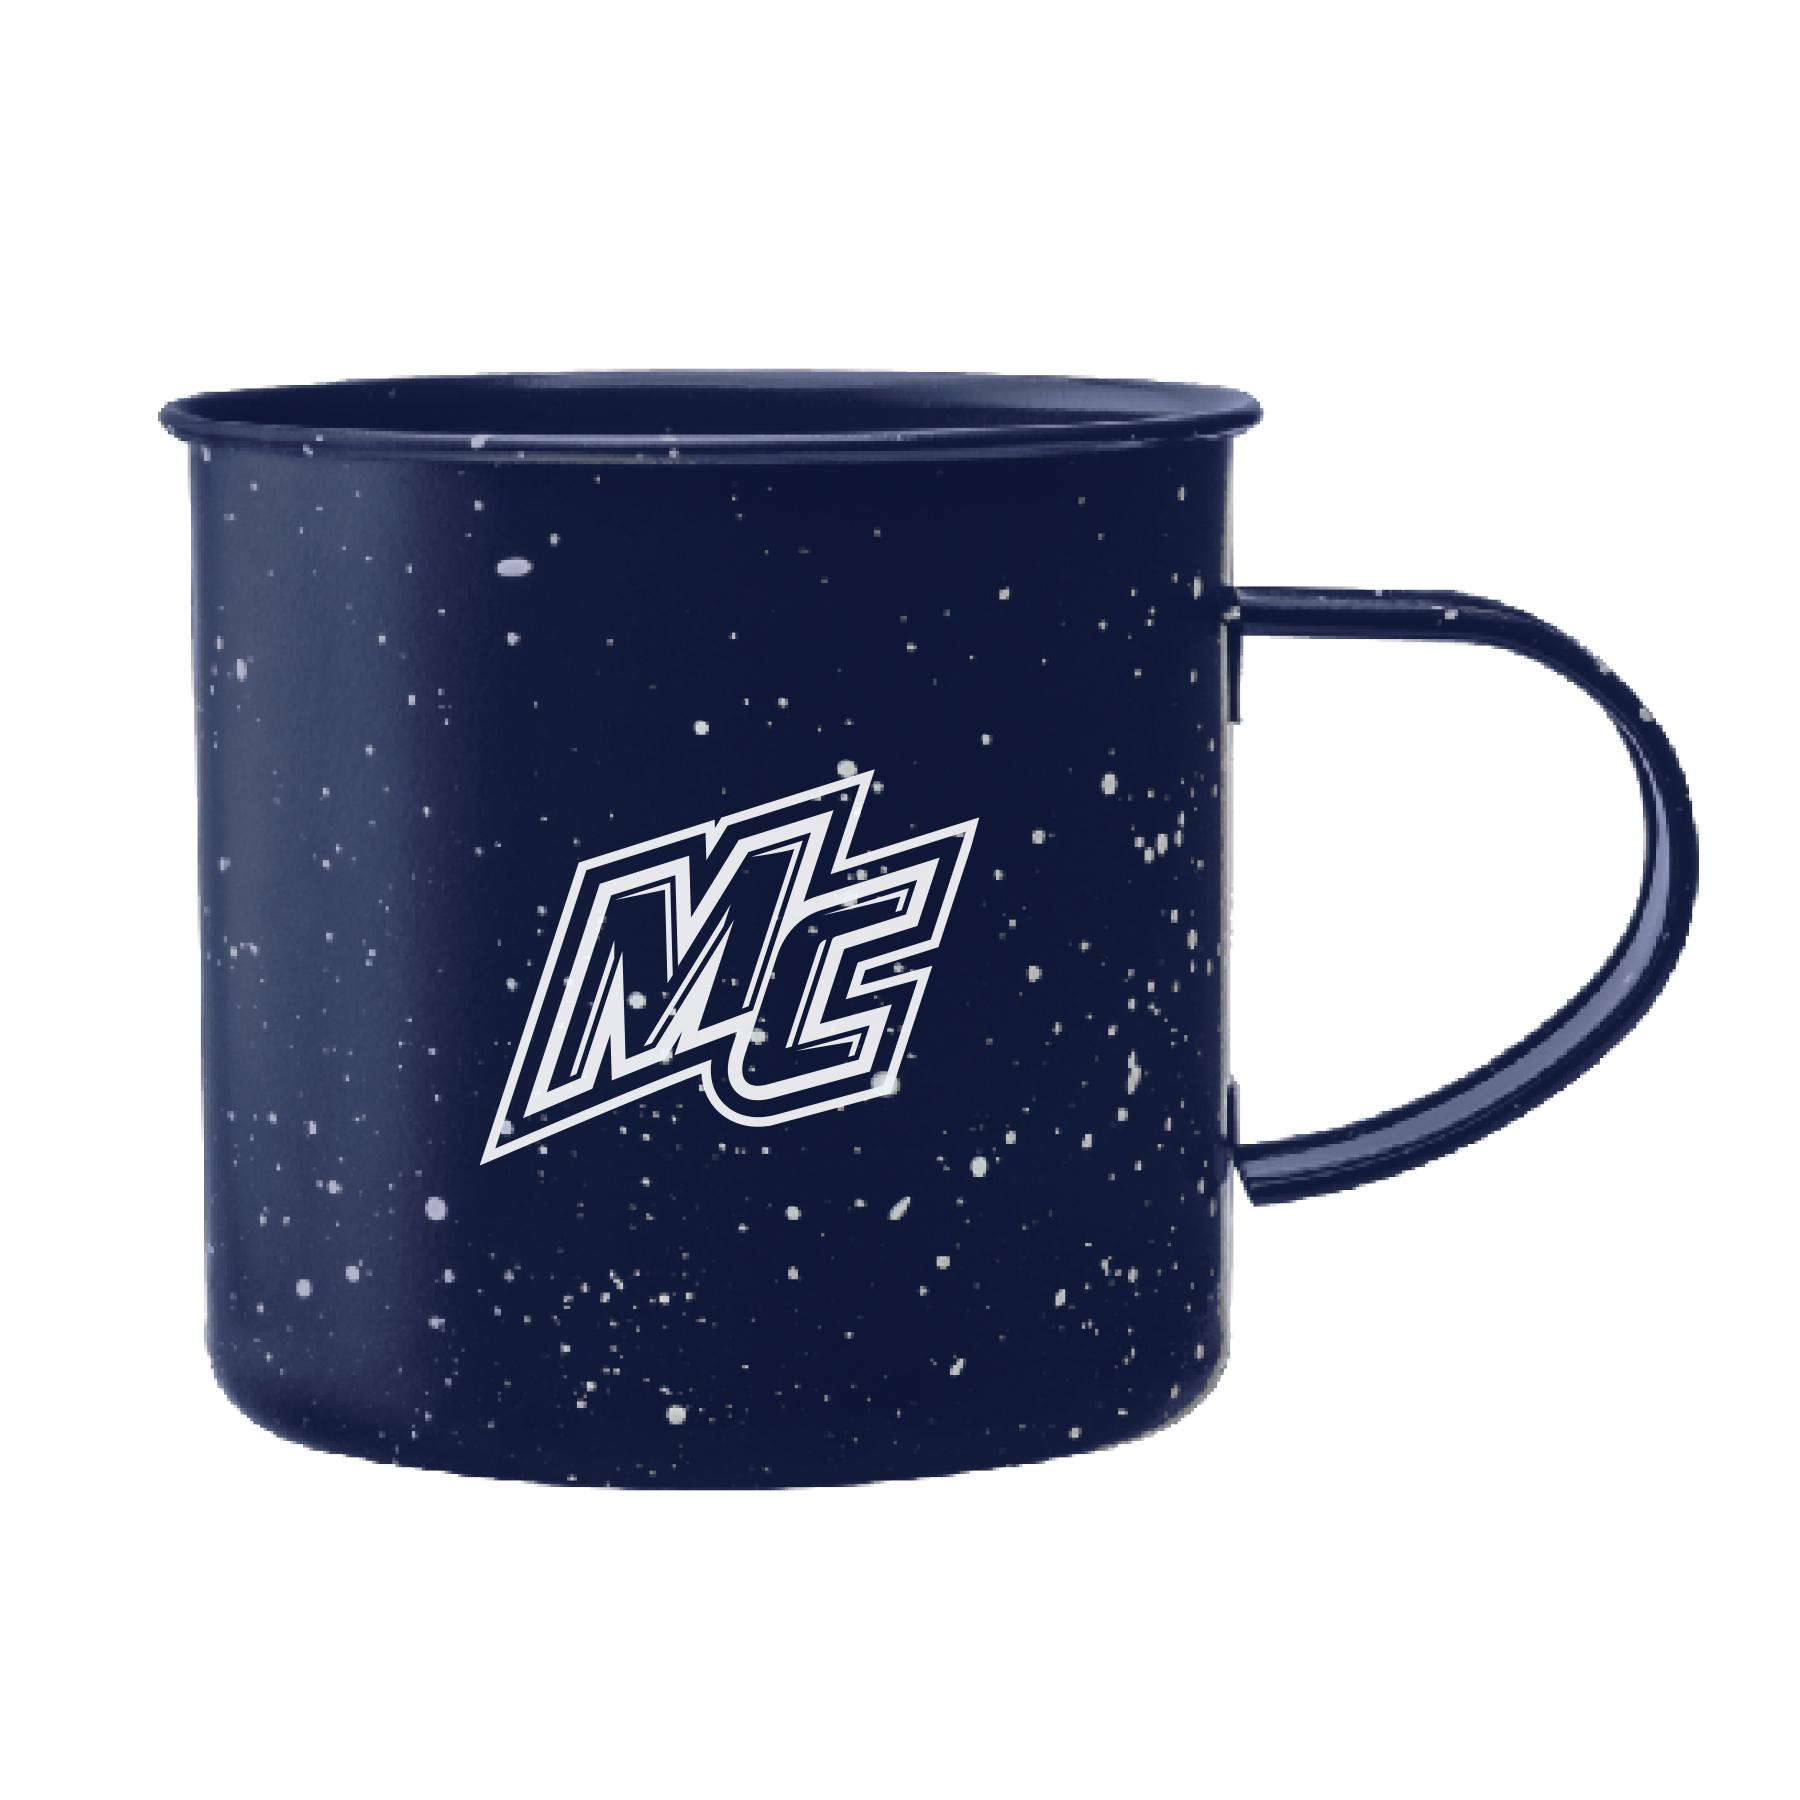 Navy Metal Camping Mug